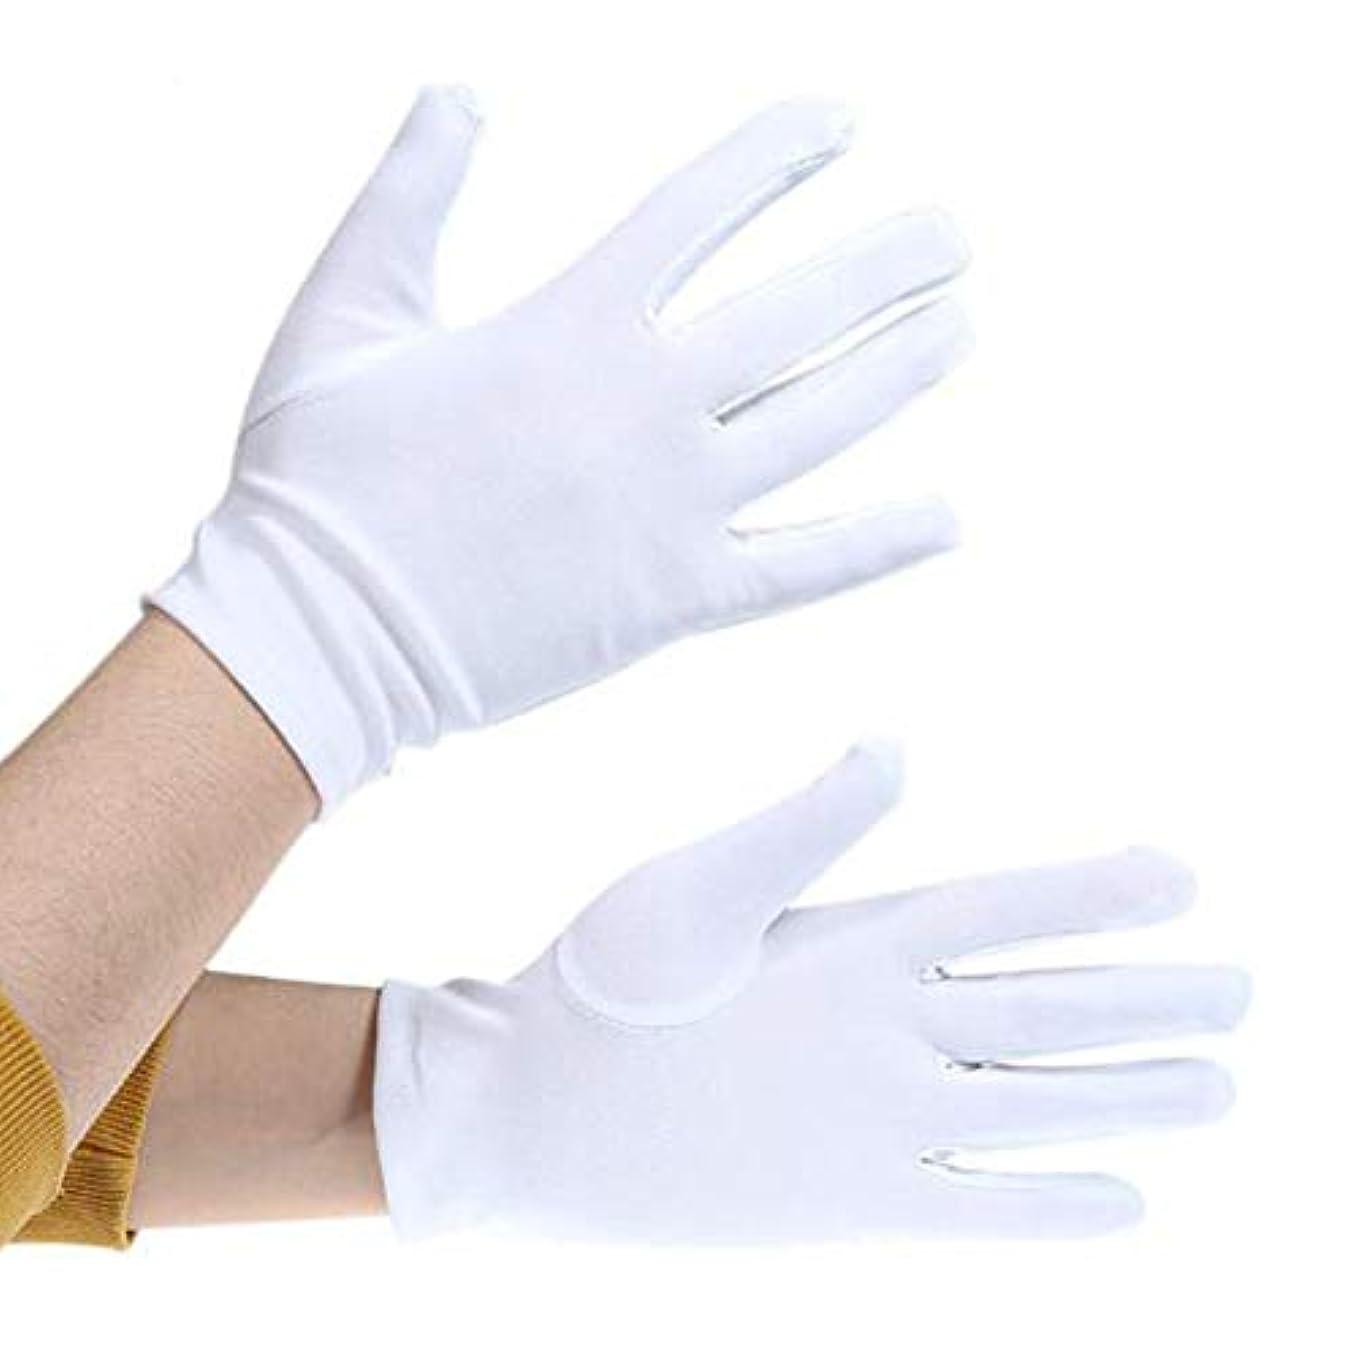 結晶比べる灰白手袋薄 礼装用 ジュエリーグローブ時計 貴金属 宝石 接客用 品質管理用 作業用手ぶくろ,保護着用者